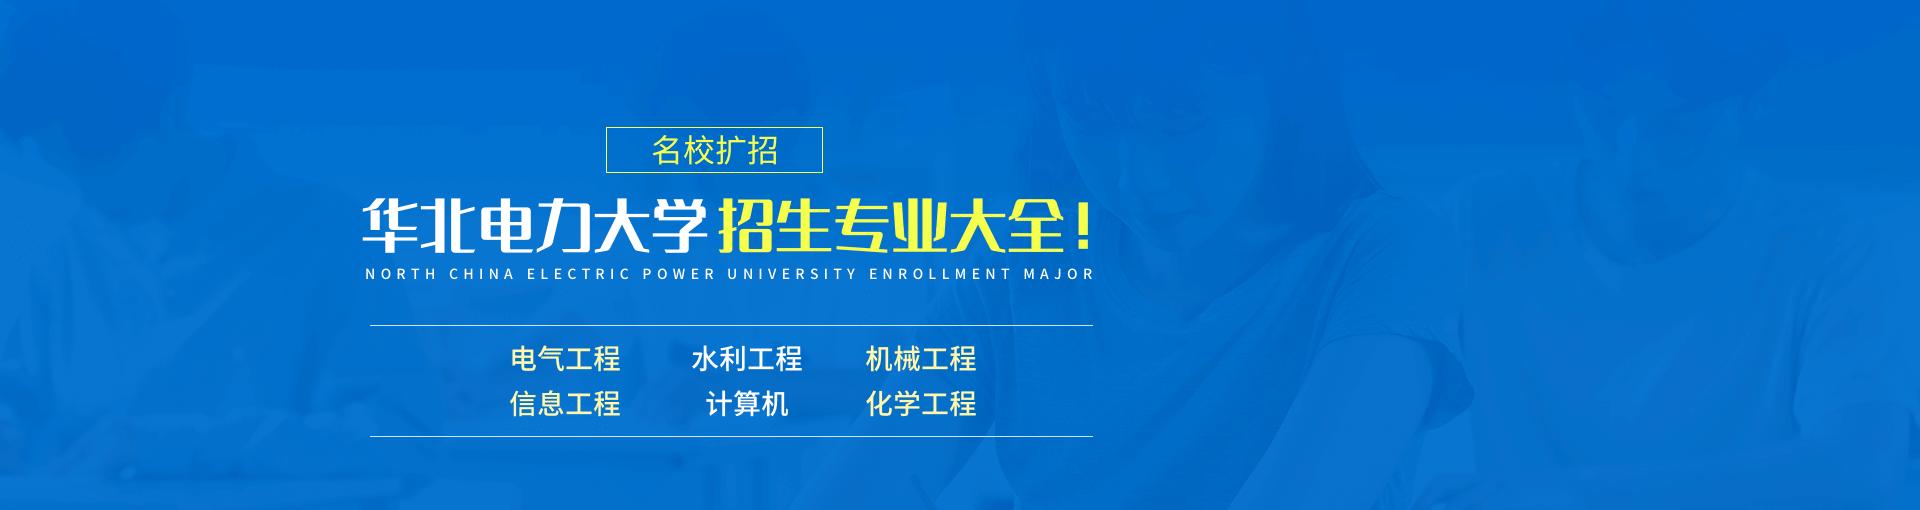 华北电力大学在职研究生热门招生专业大全!